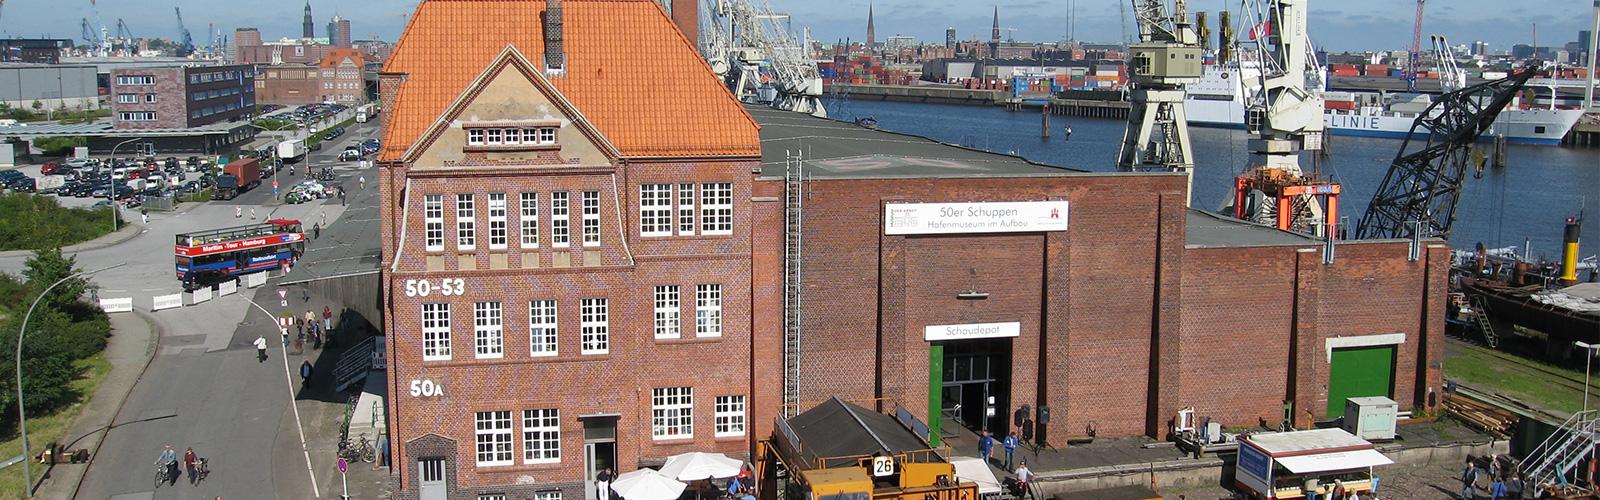 oestreicher locations   hafenmuseum